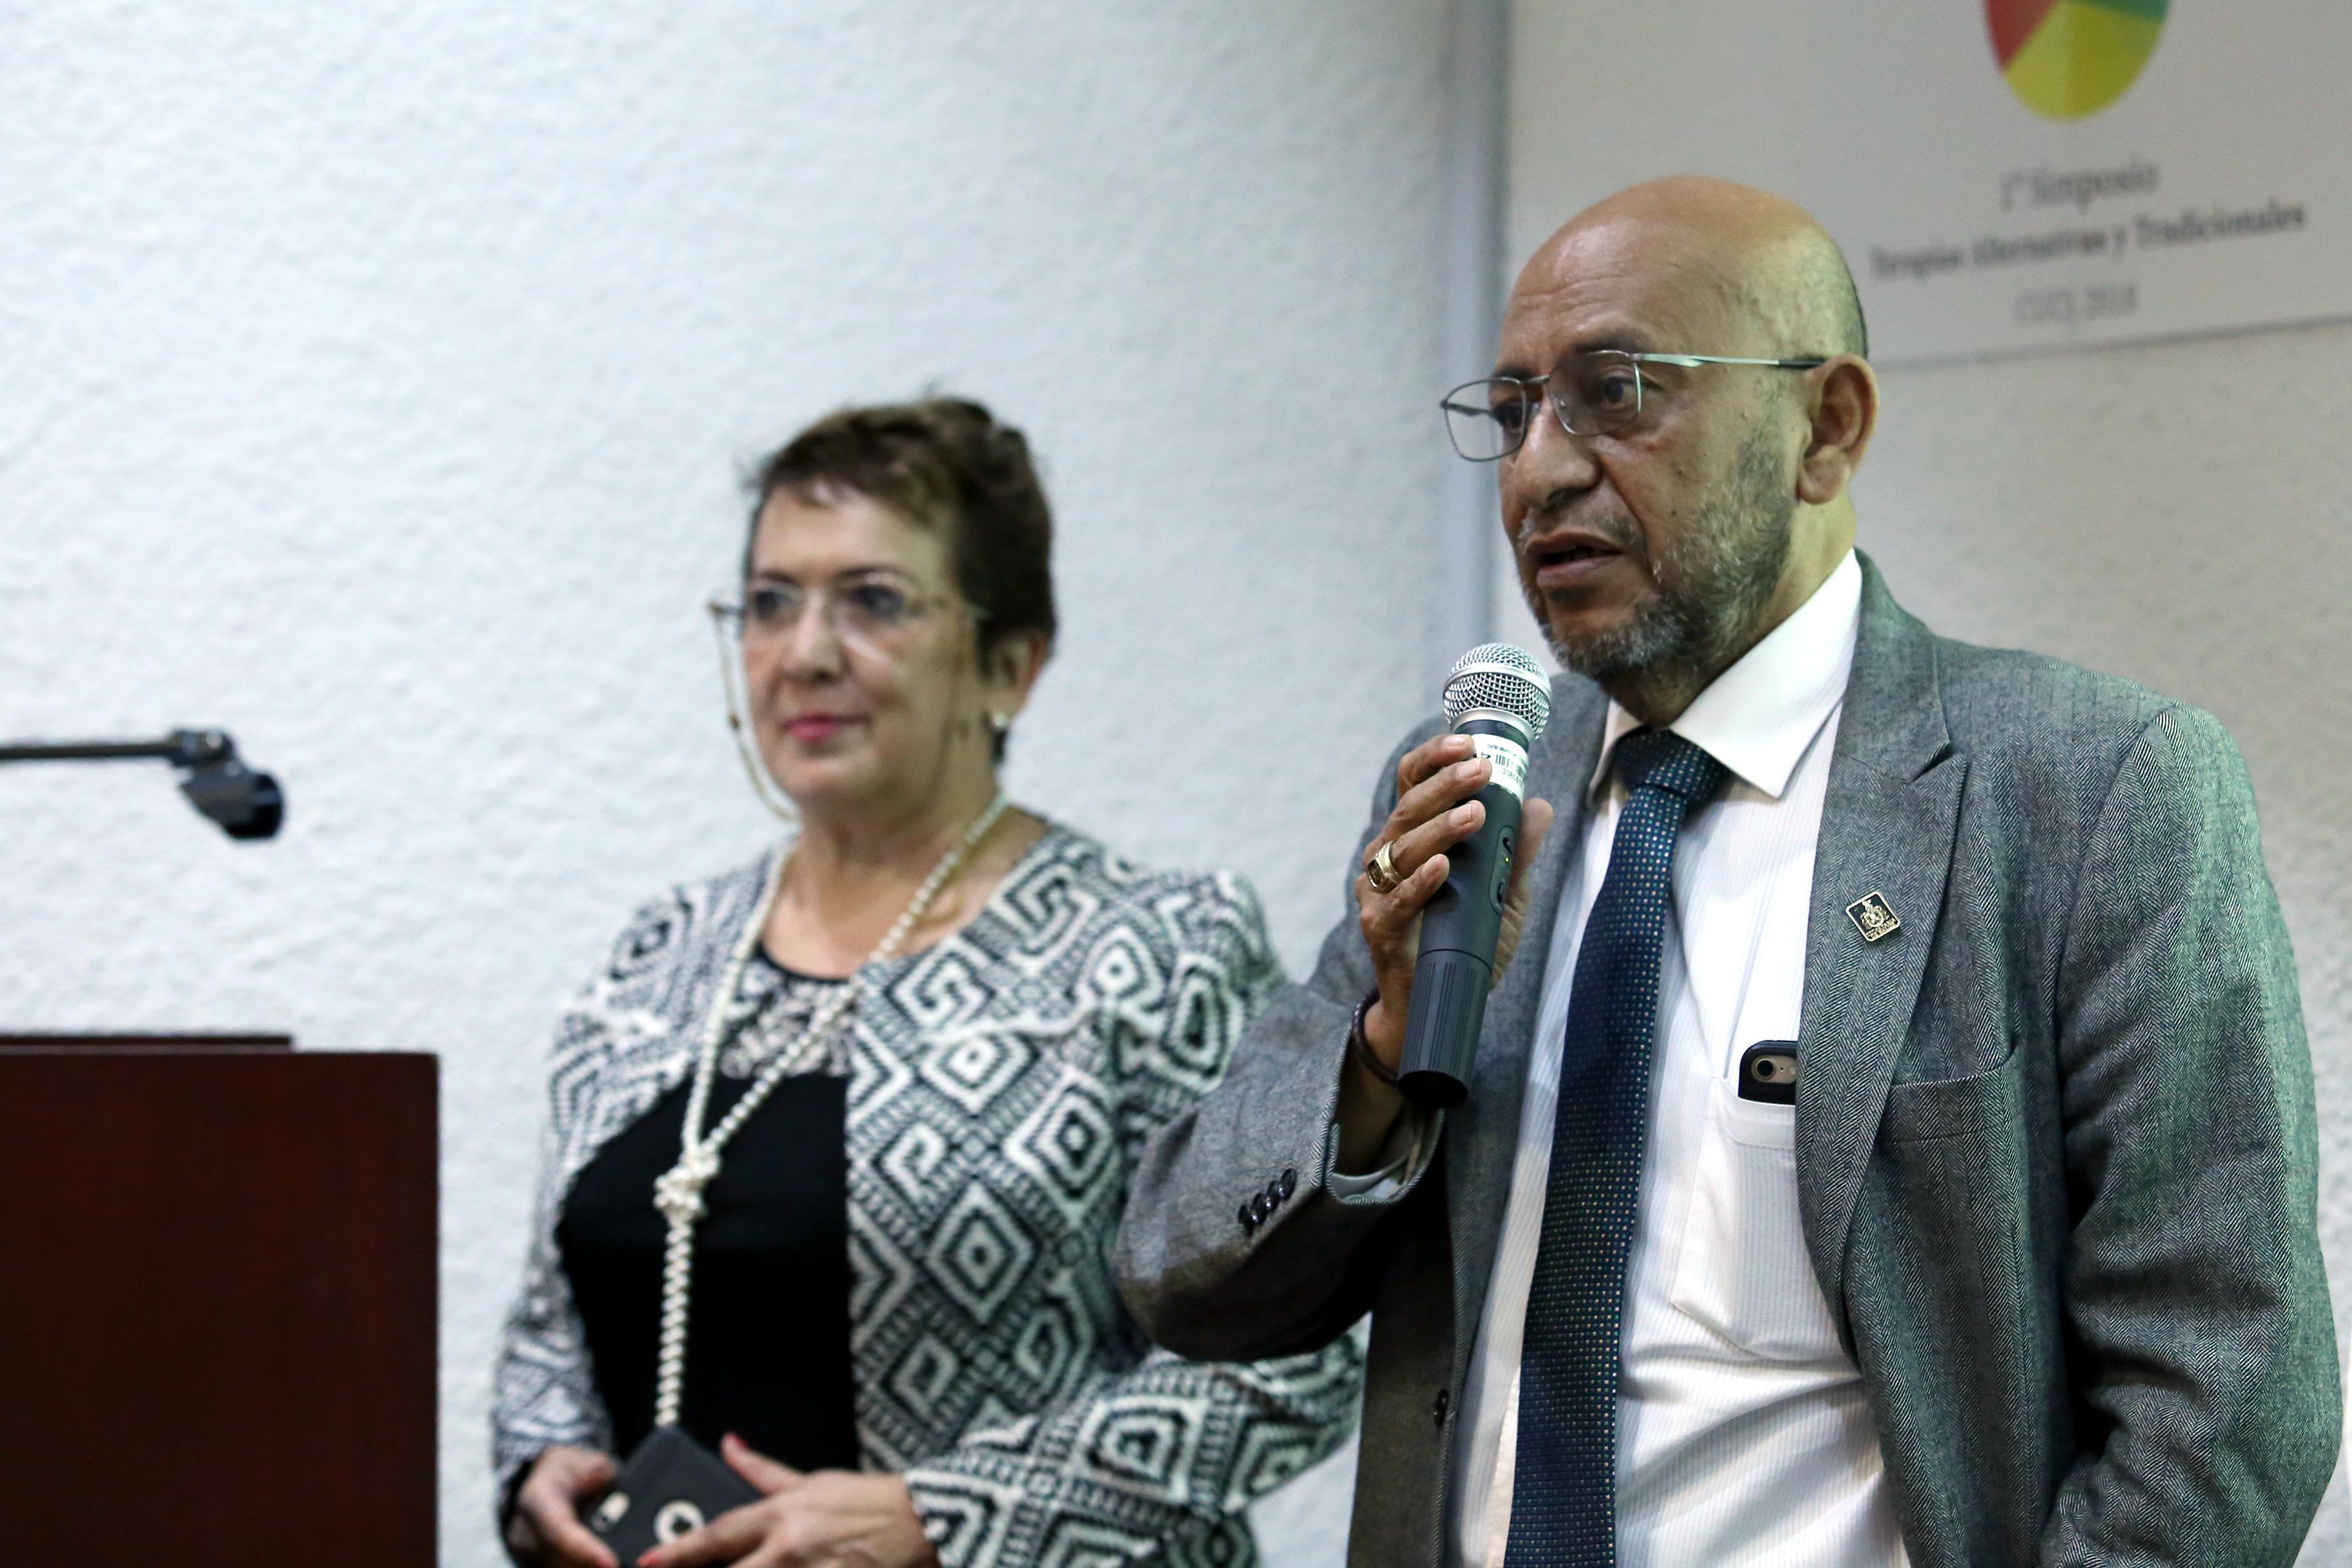 Organizadora y funcionario de la Secretaría de Salud en inauguración del Simposio